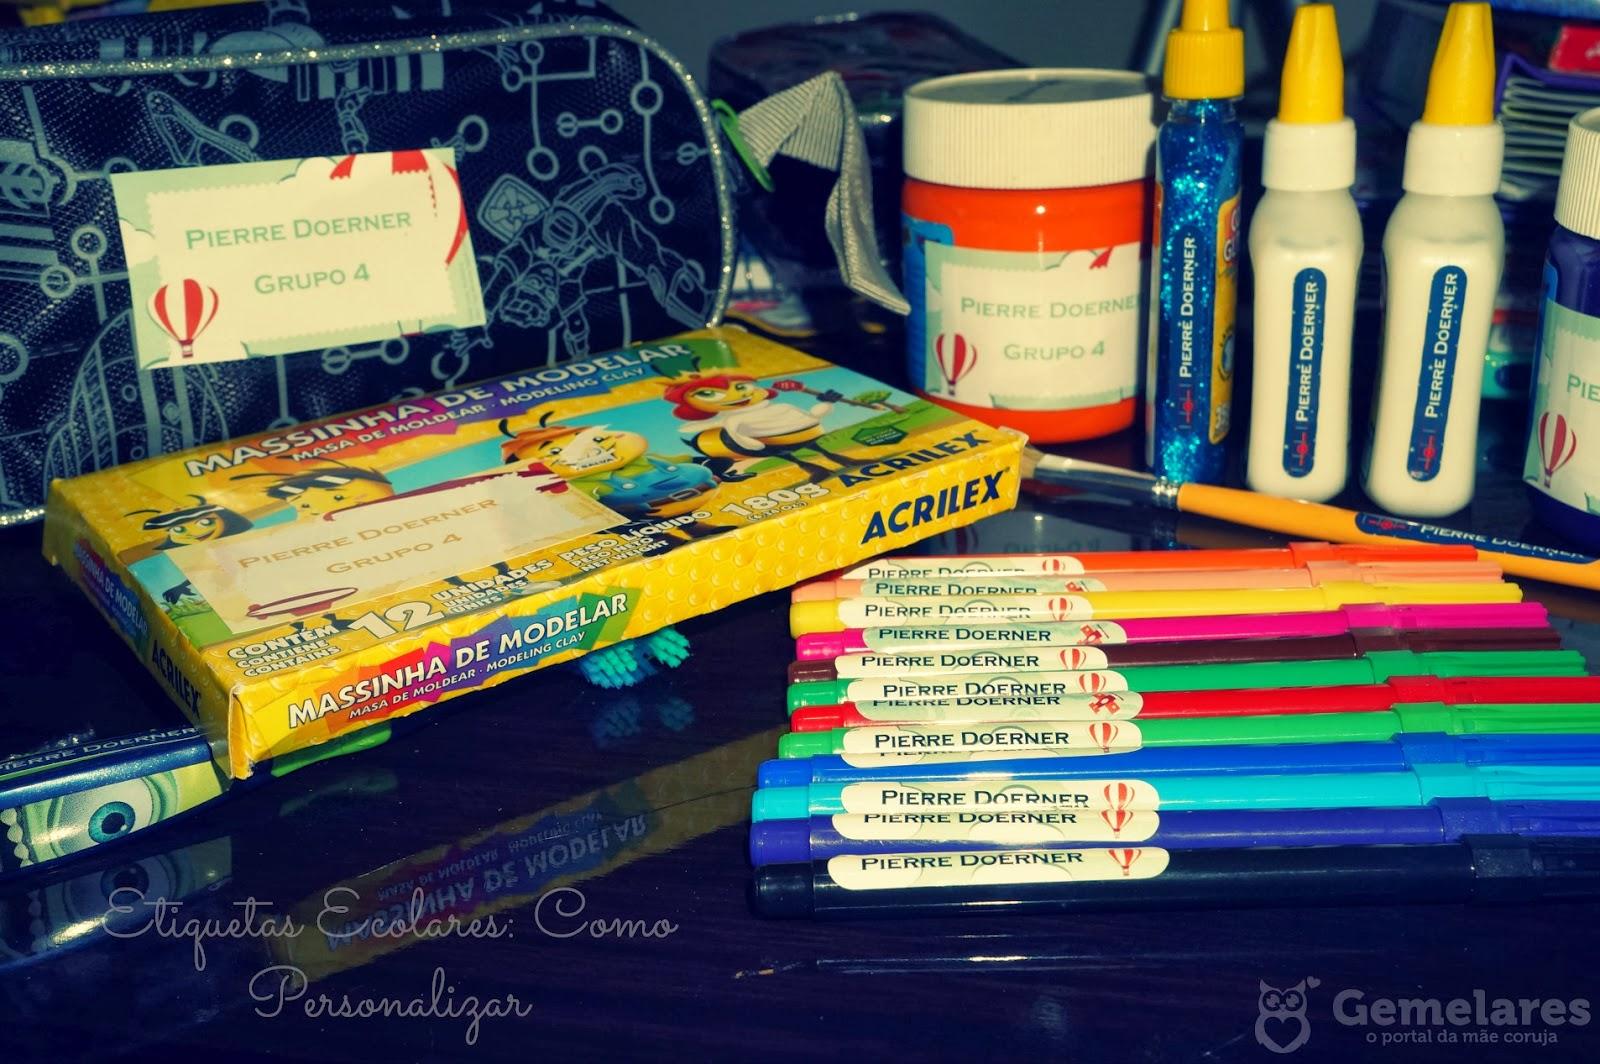 Etiquetas Escolares: Como personalizar